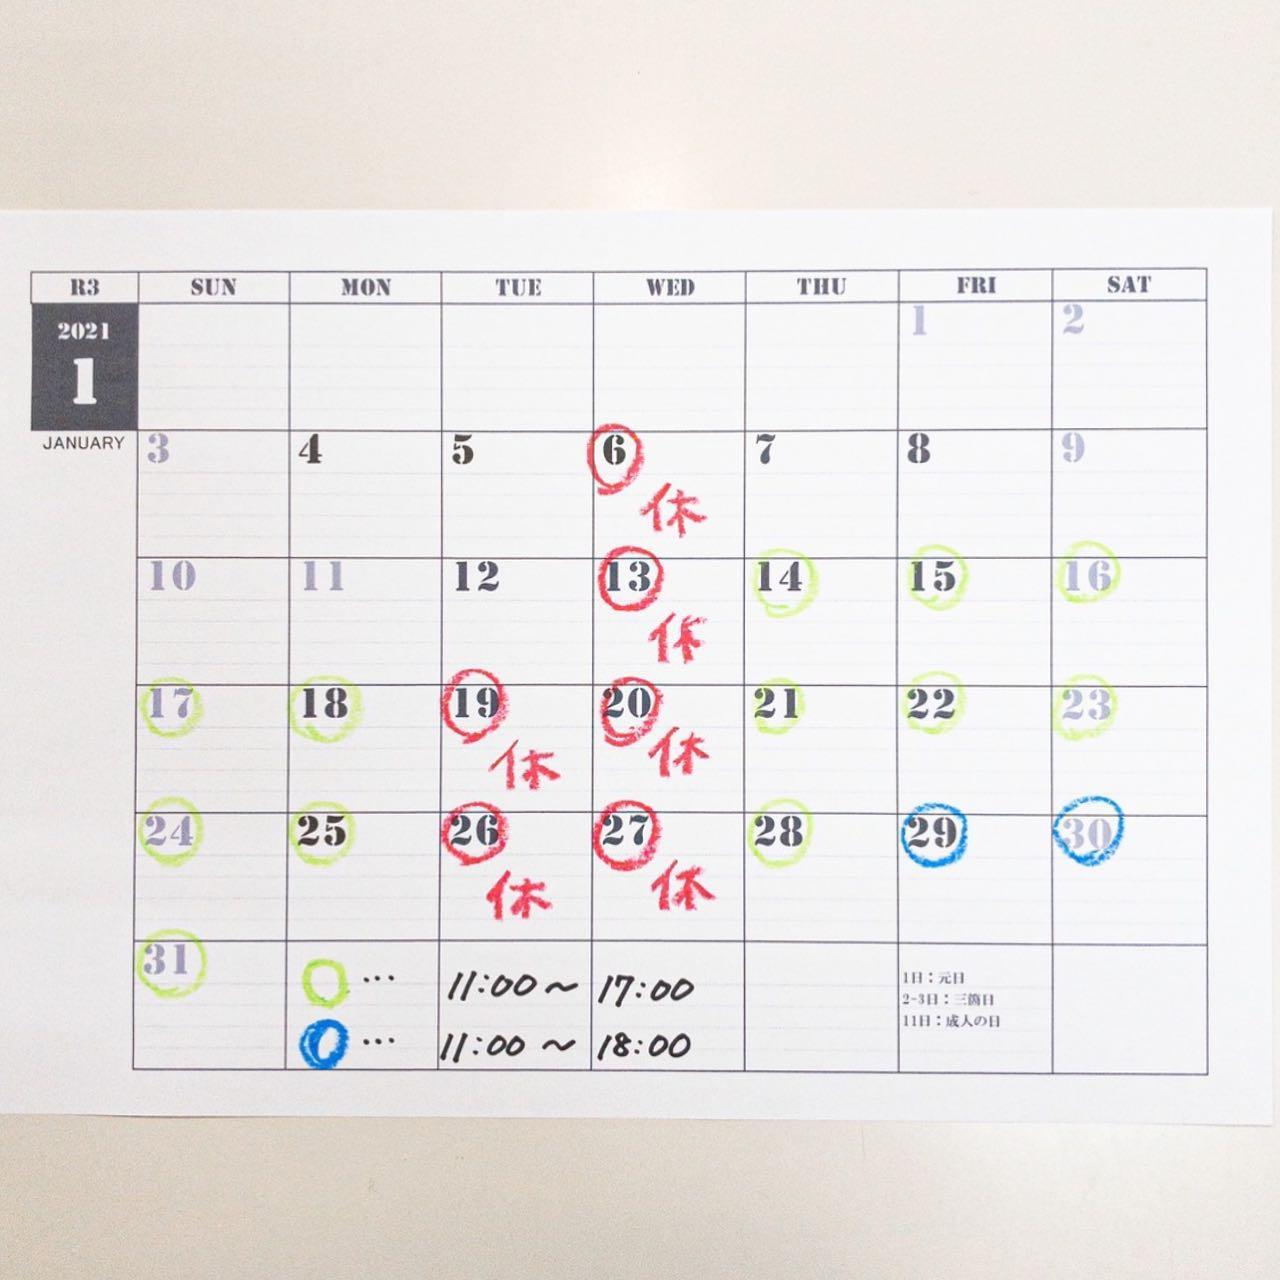 .【営業時間短縮のお知らせ】..度々、すみません。営業時間が変更になりました!ご迷惑をおかけ致しますがよろしくお願い致します♀️......#愛媛#松山#大街道#ehime#matsuyama#BlessofBless#セレクトショップ#今日のコーディネート#お洒落さんと繋がりたい#お知らせ - from Instagram